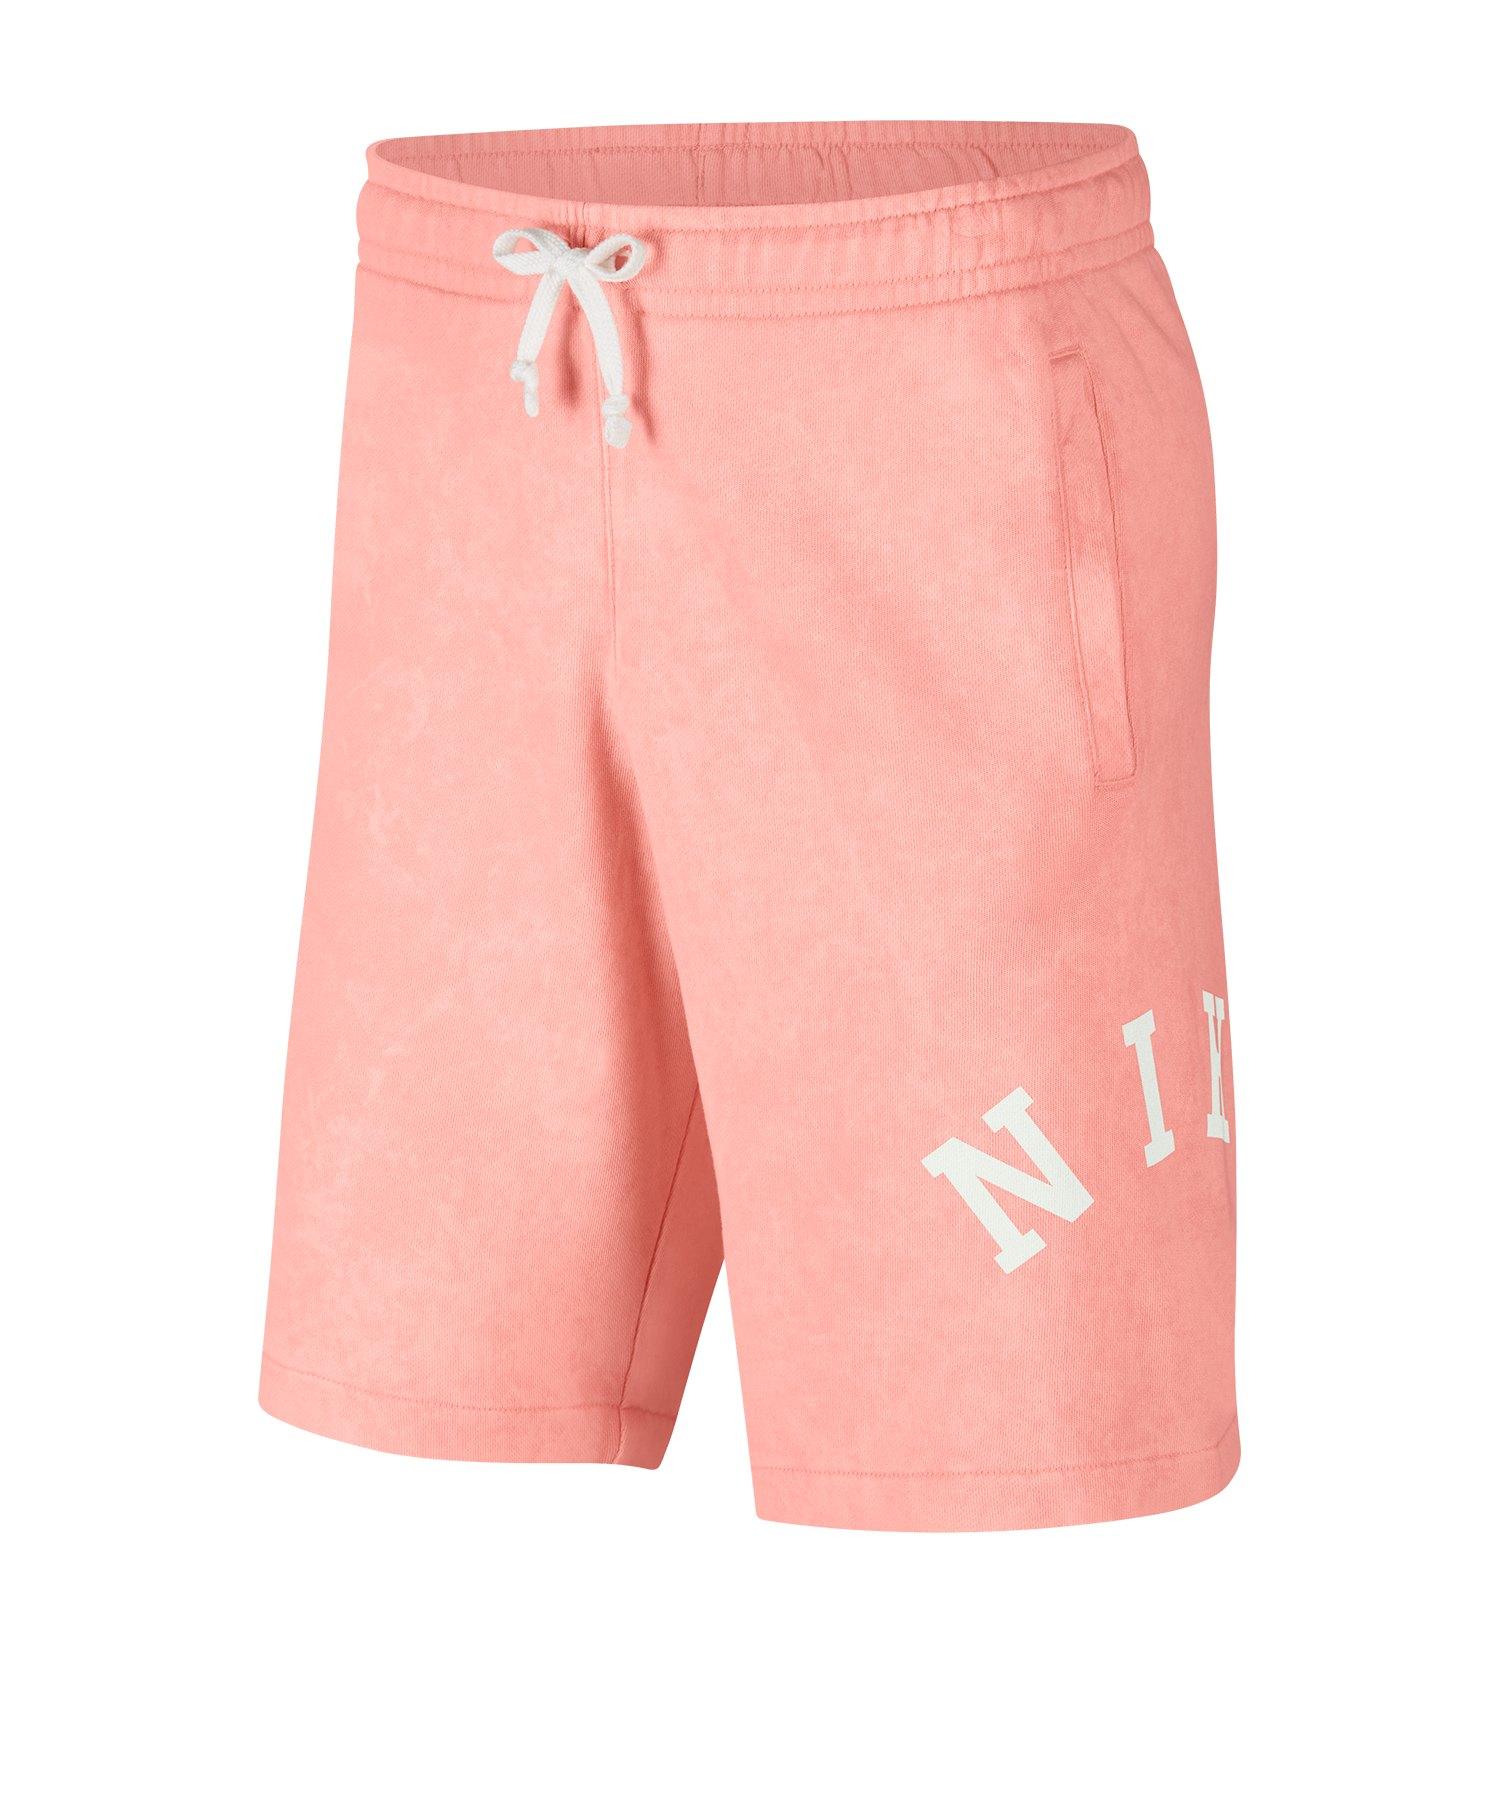 Nike Wash Short Hose kurz Rosa F697 - rosa